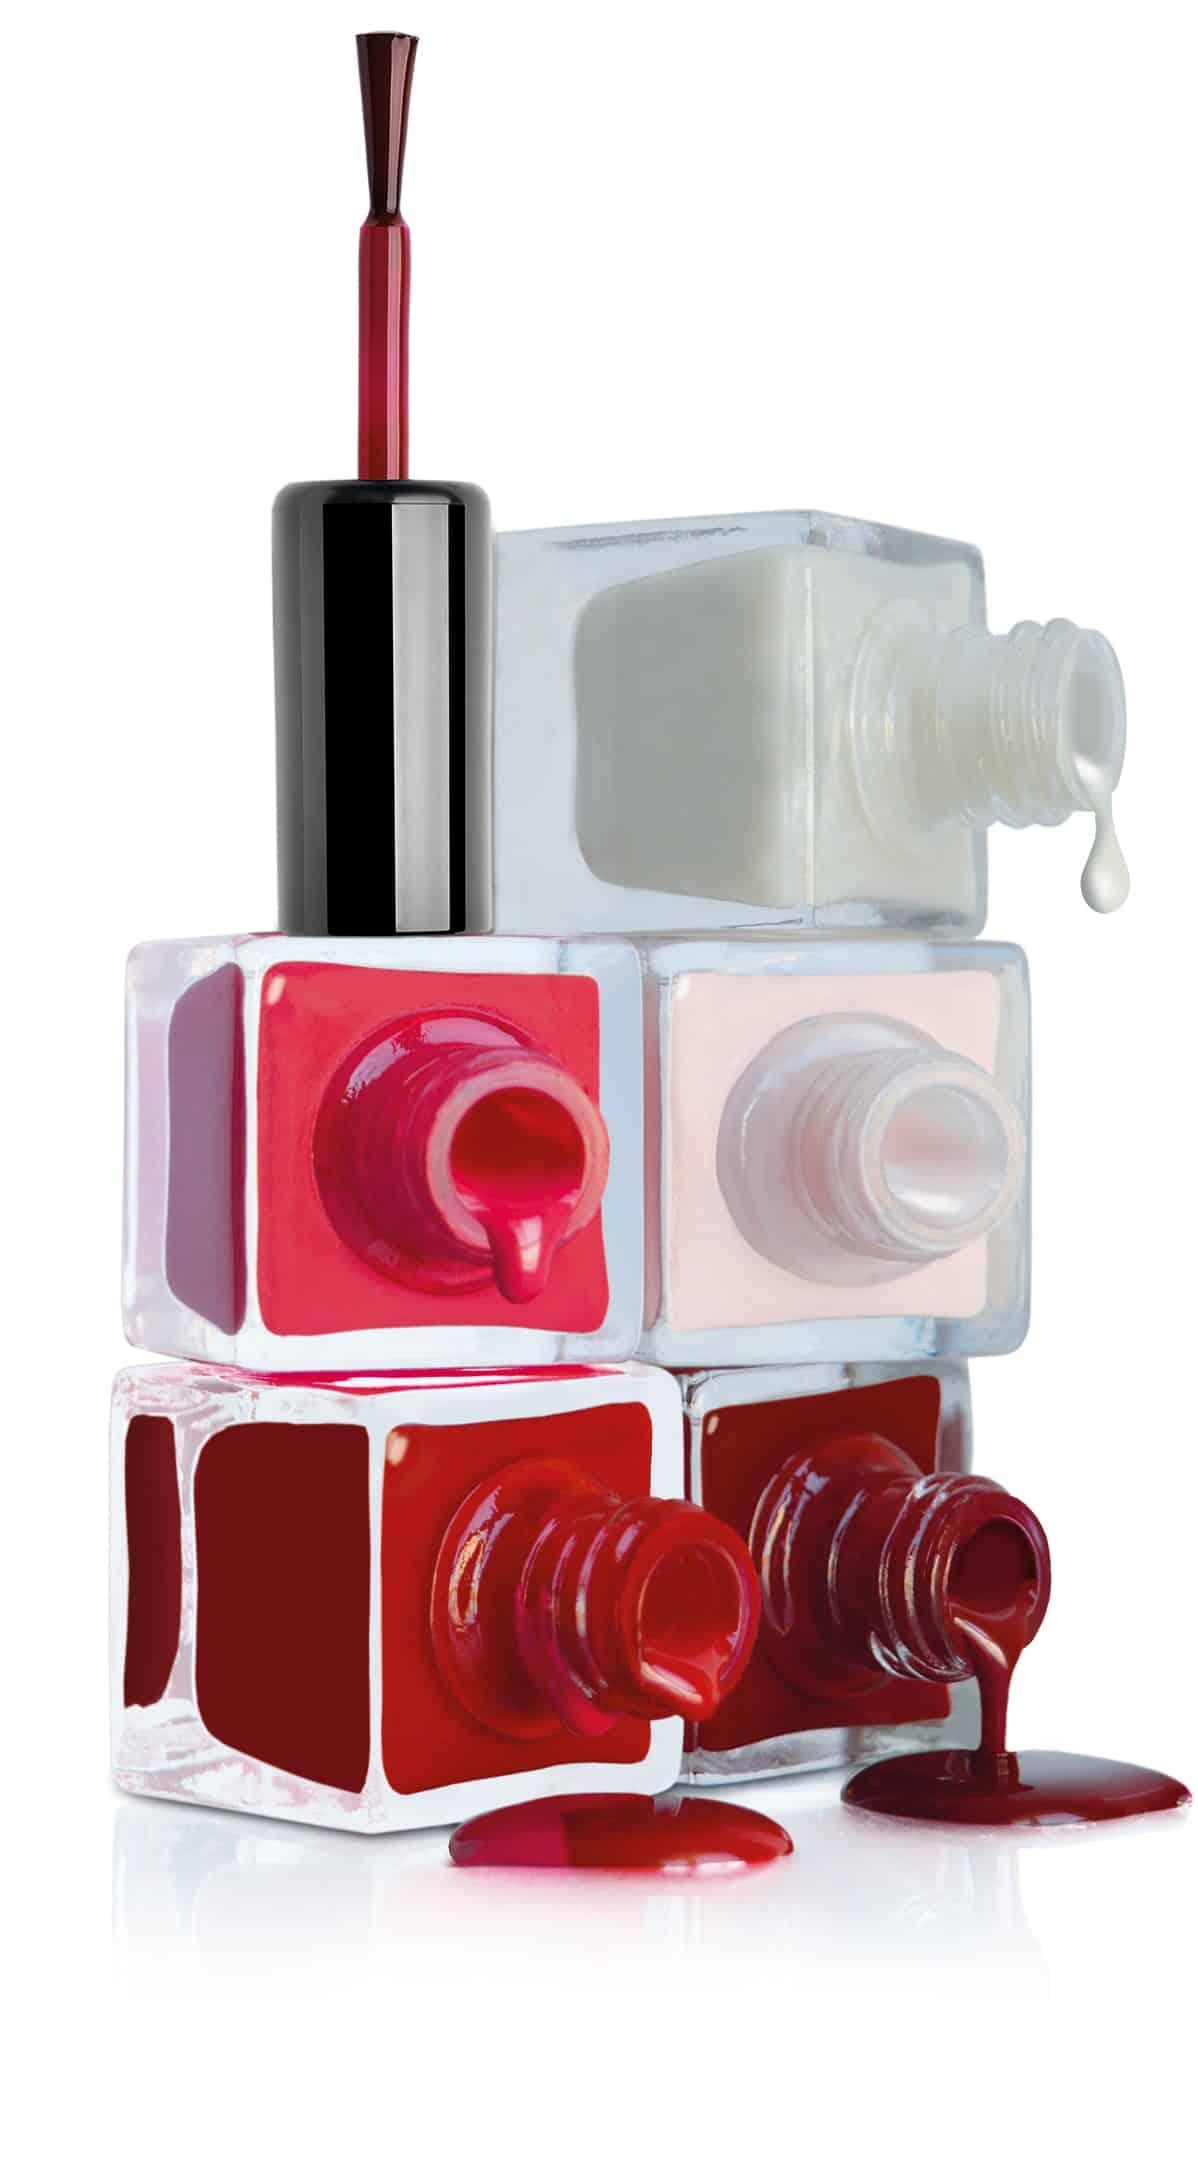 Da Korff nuova linea trattamenti e smalti alla moda, per un'estate piena di colore!